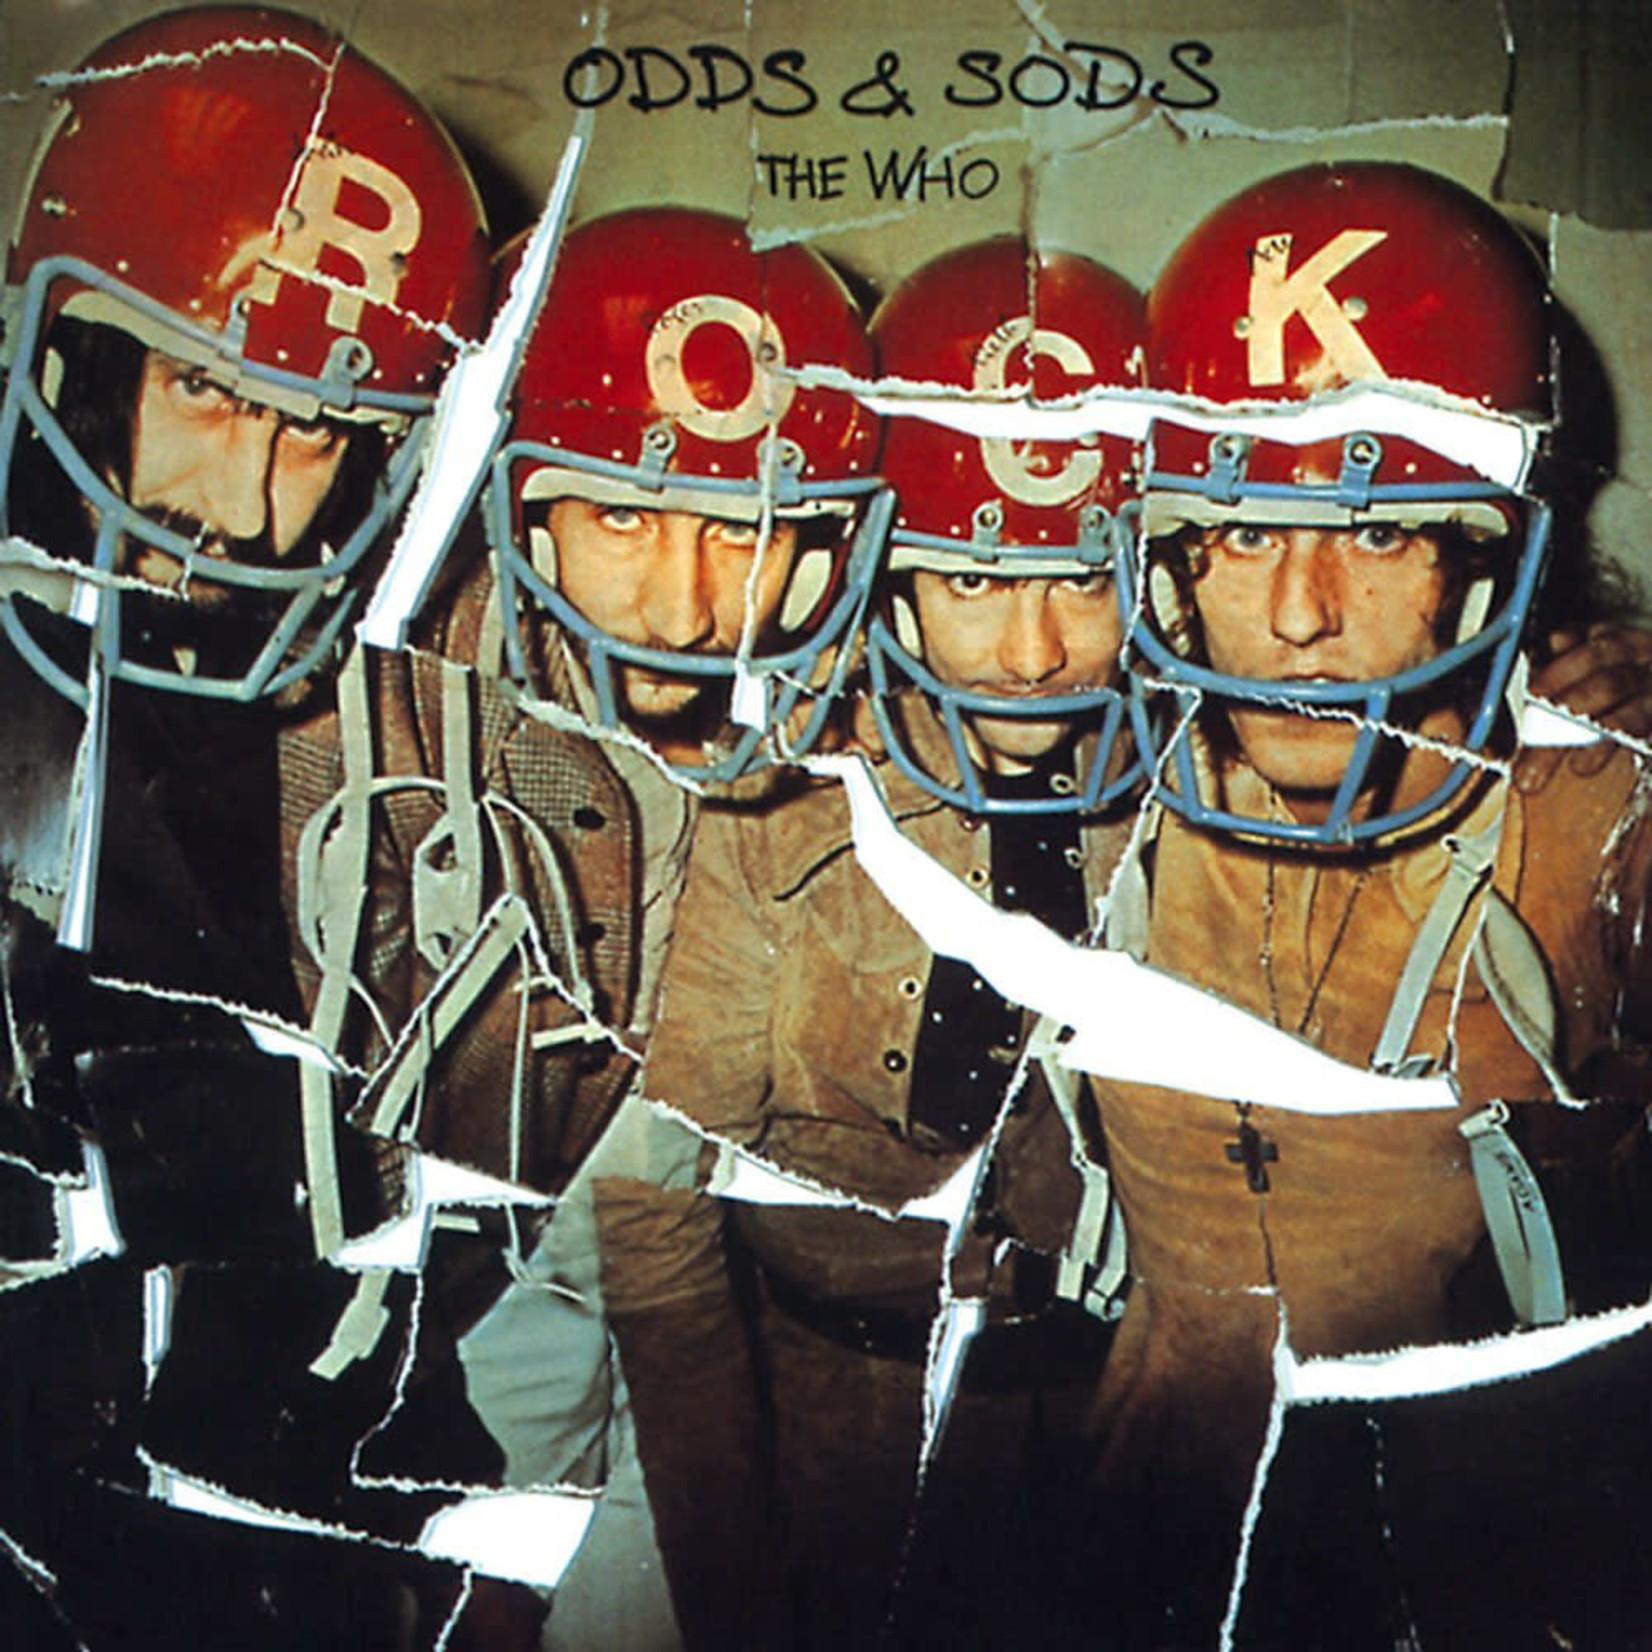 Vinyl The Who - Odds & Sods (RSD)